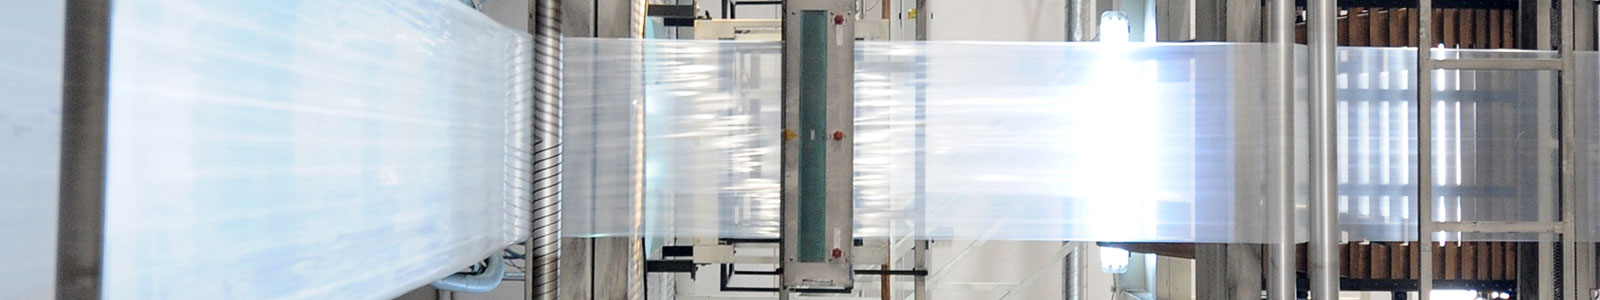 Flexible Packaging Industrial Bag